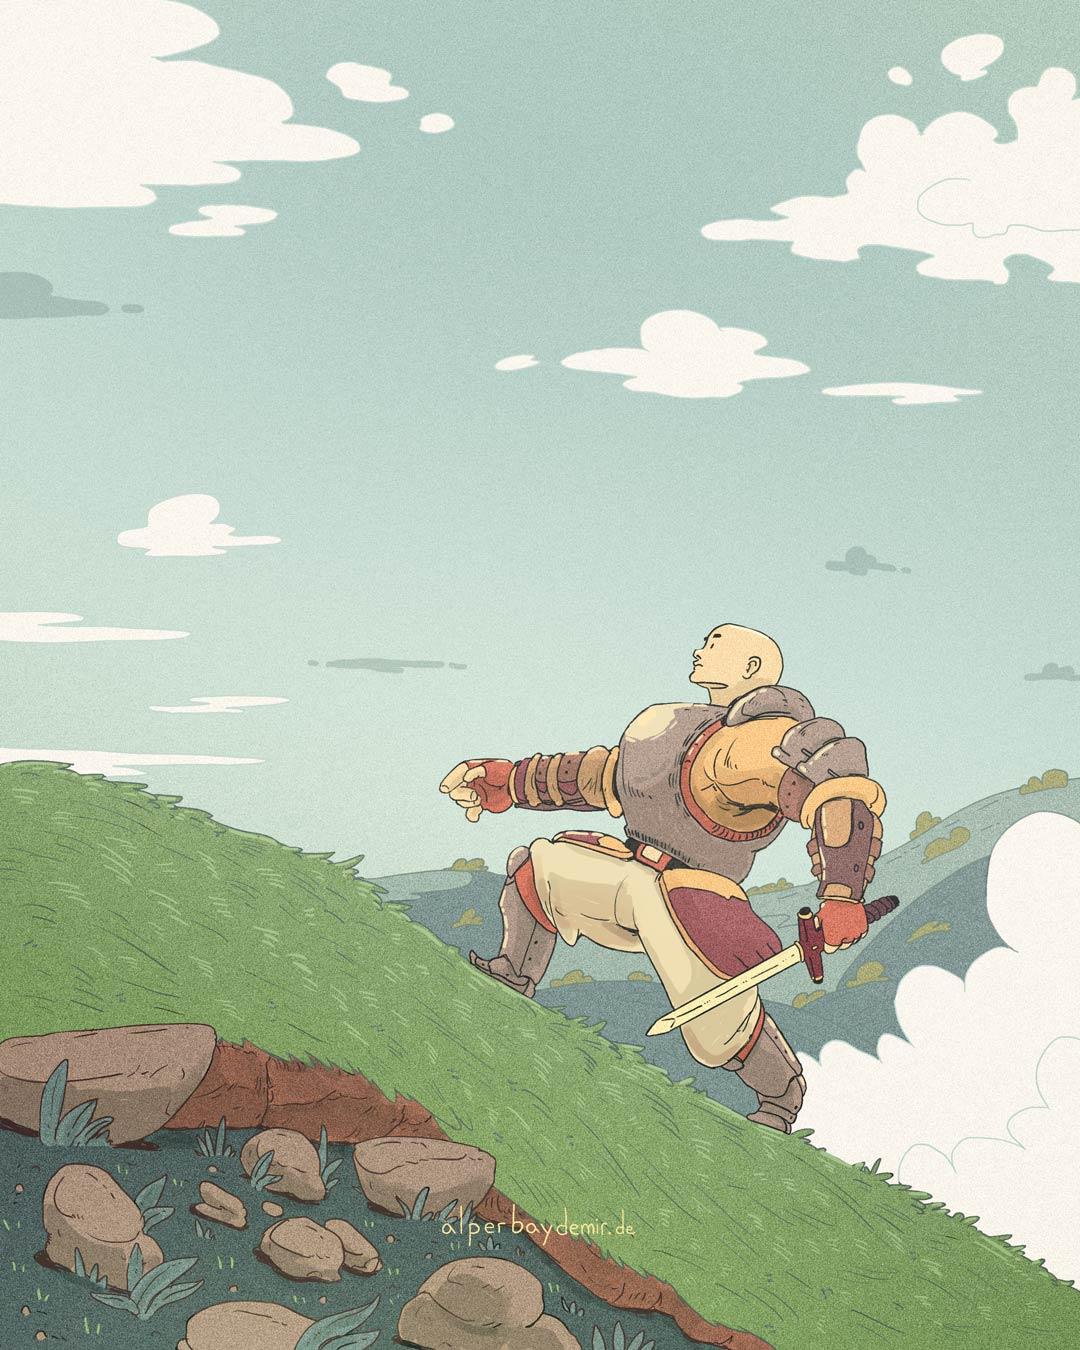 Ein Ritter mit Schwert steigt gemütlich den Abhang hinauf